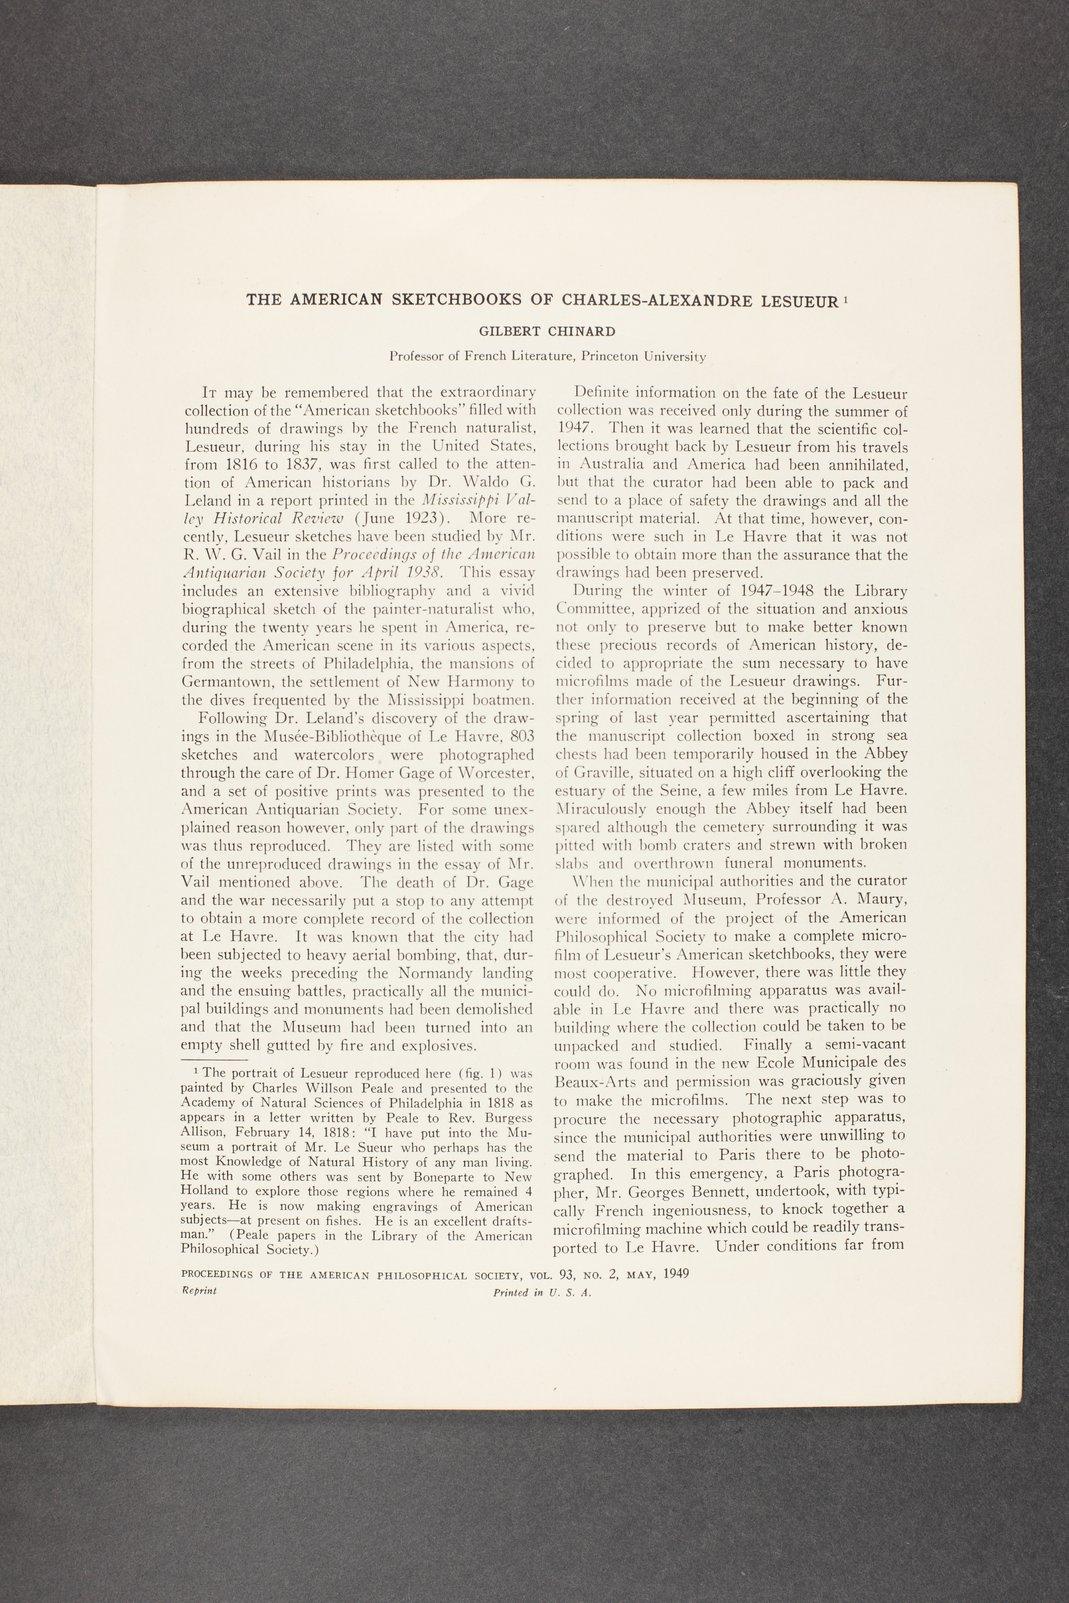 Robert Taft correspondence related to frontier artists, Landers - Metcalf - 6